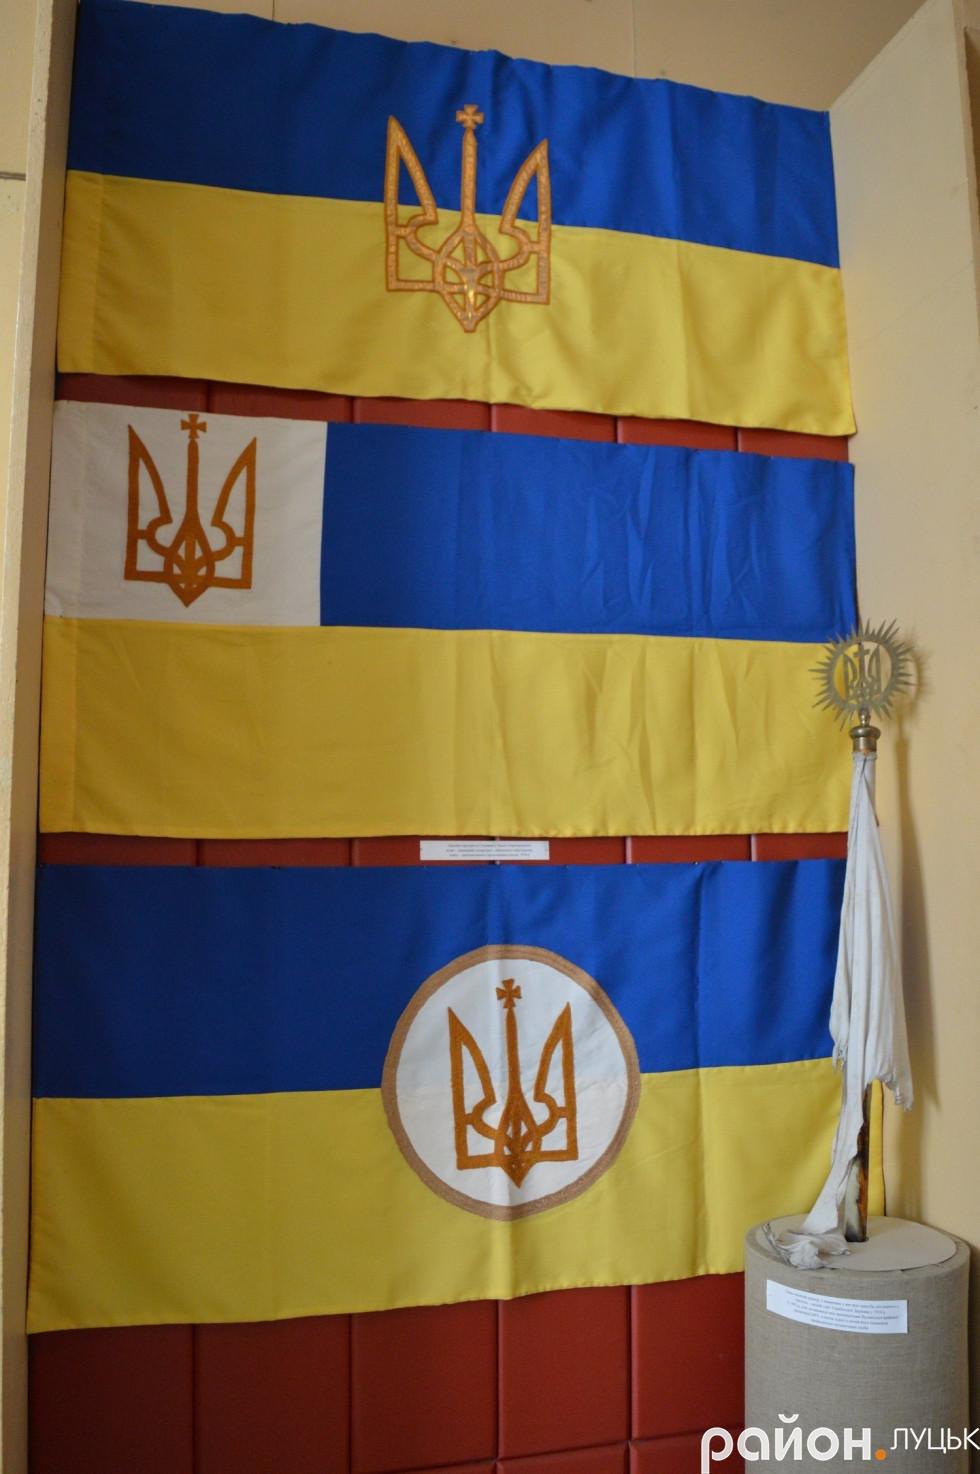 Офіційні прапори за Гетьманату Павла Скоропадського: вгорі – держаний, посередині – військового міністерства, внизу – посла, 1918 рік